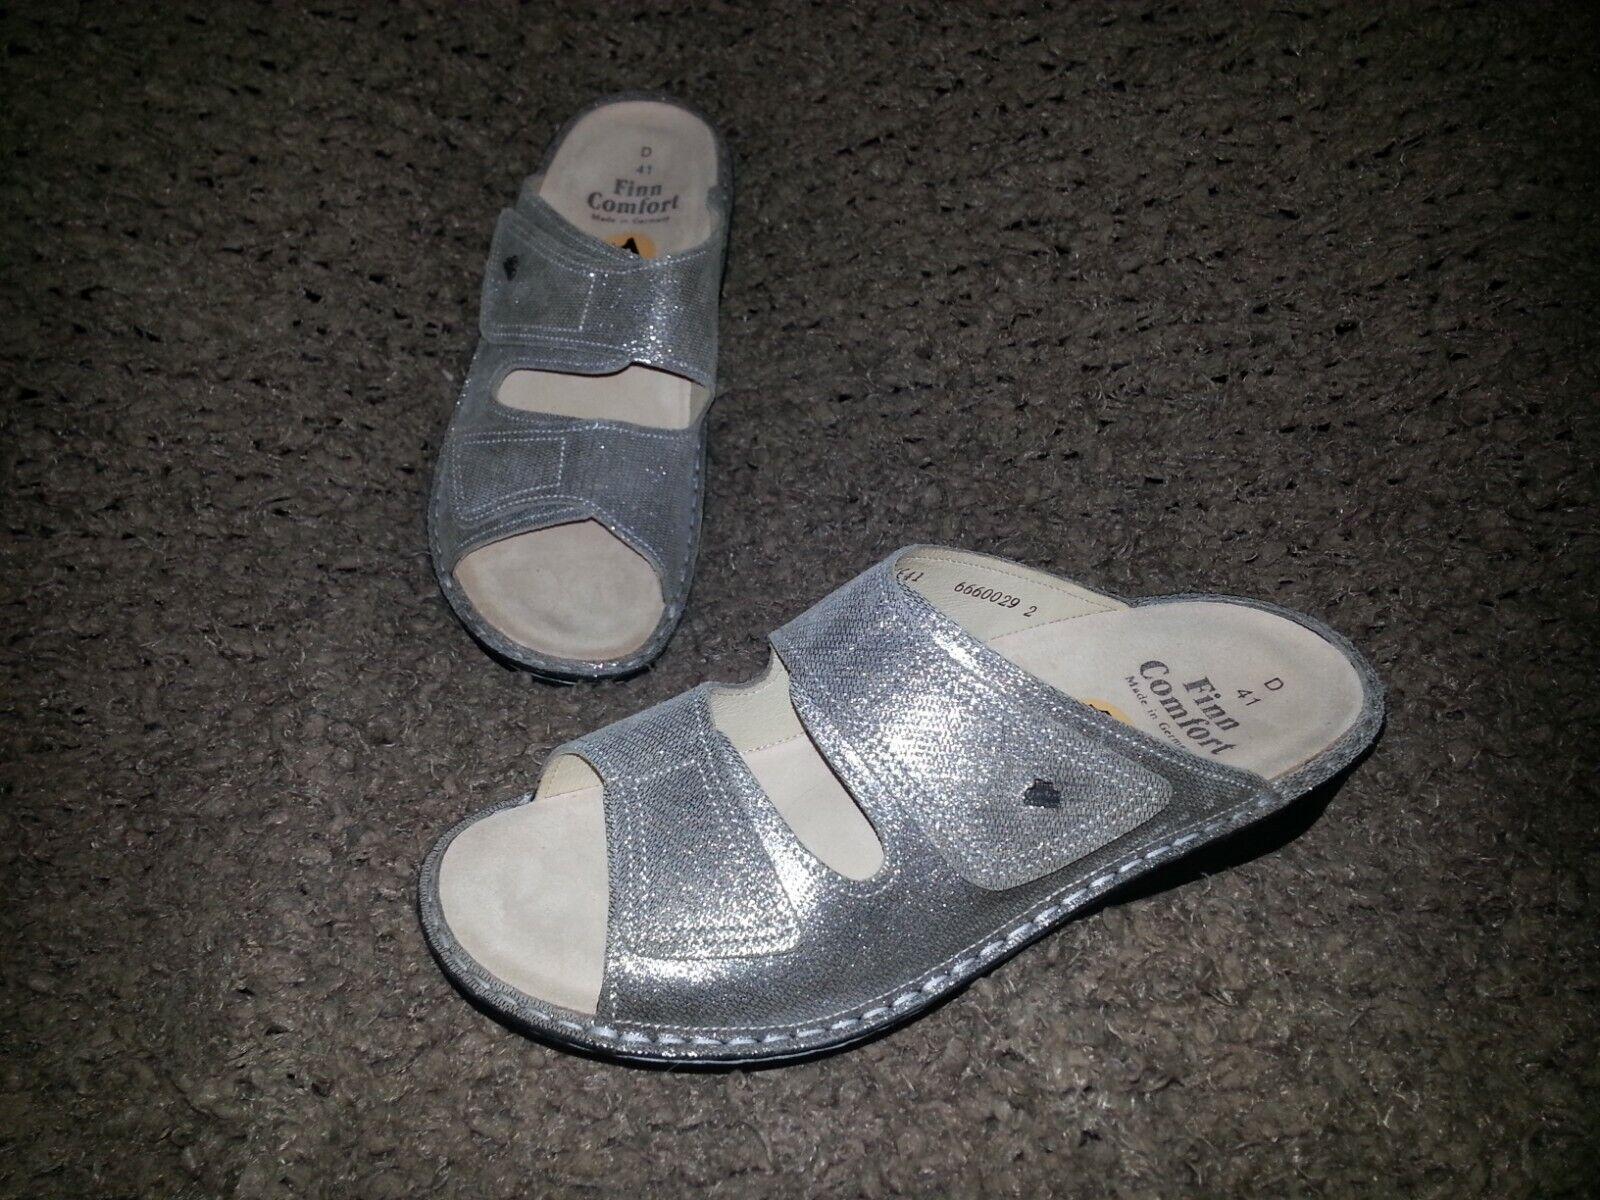 FINN FINN FINN COMFORT -Jamaica Sandal -Metall Nubuck läder -Taupe  silver -NEW -41  10.5 -11  ej att förglömma!